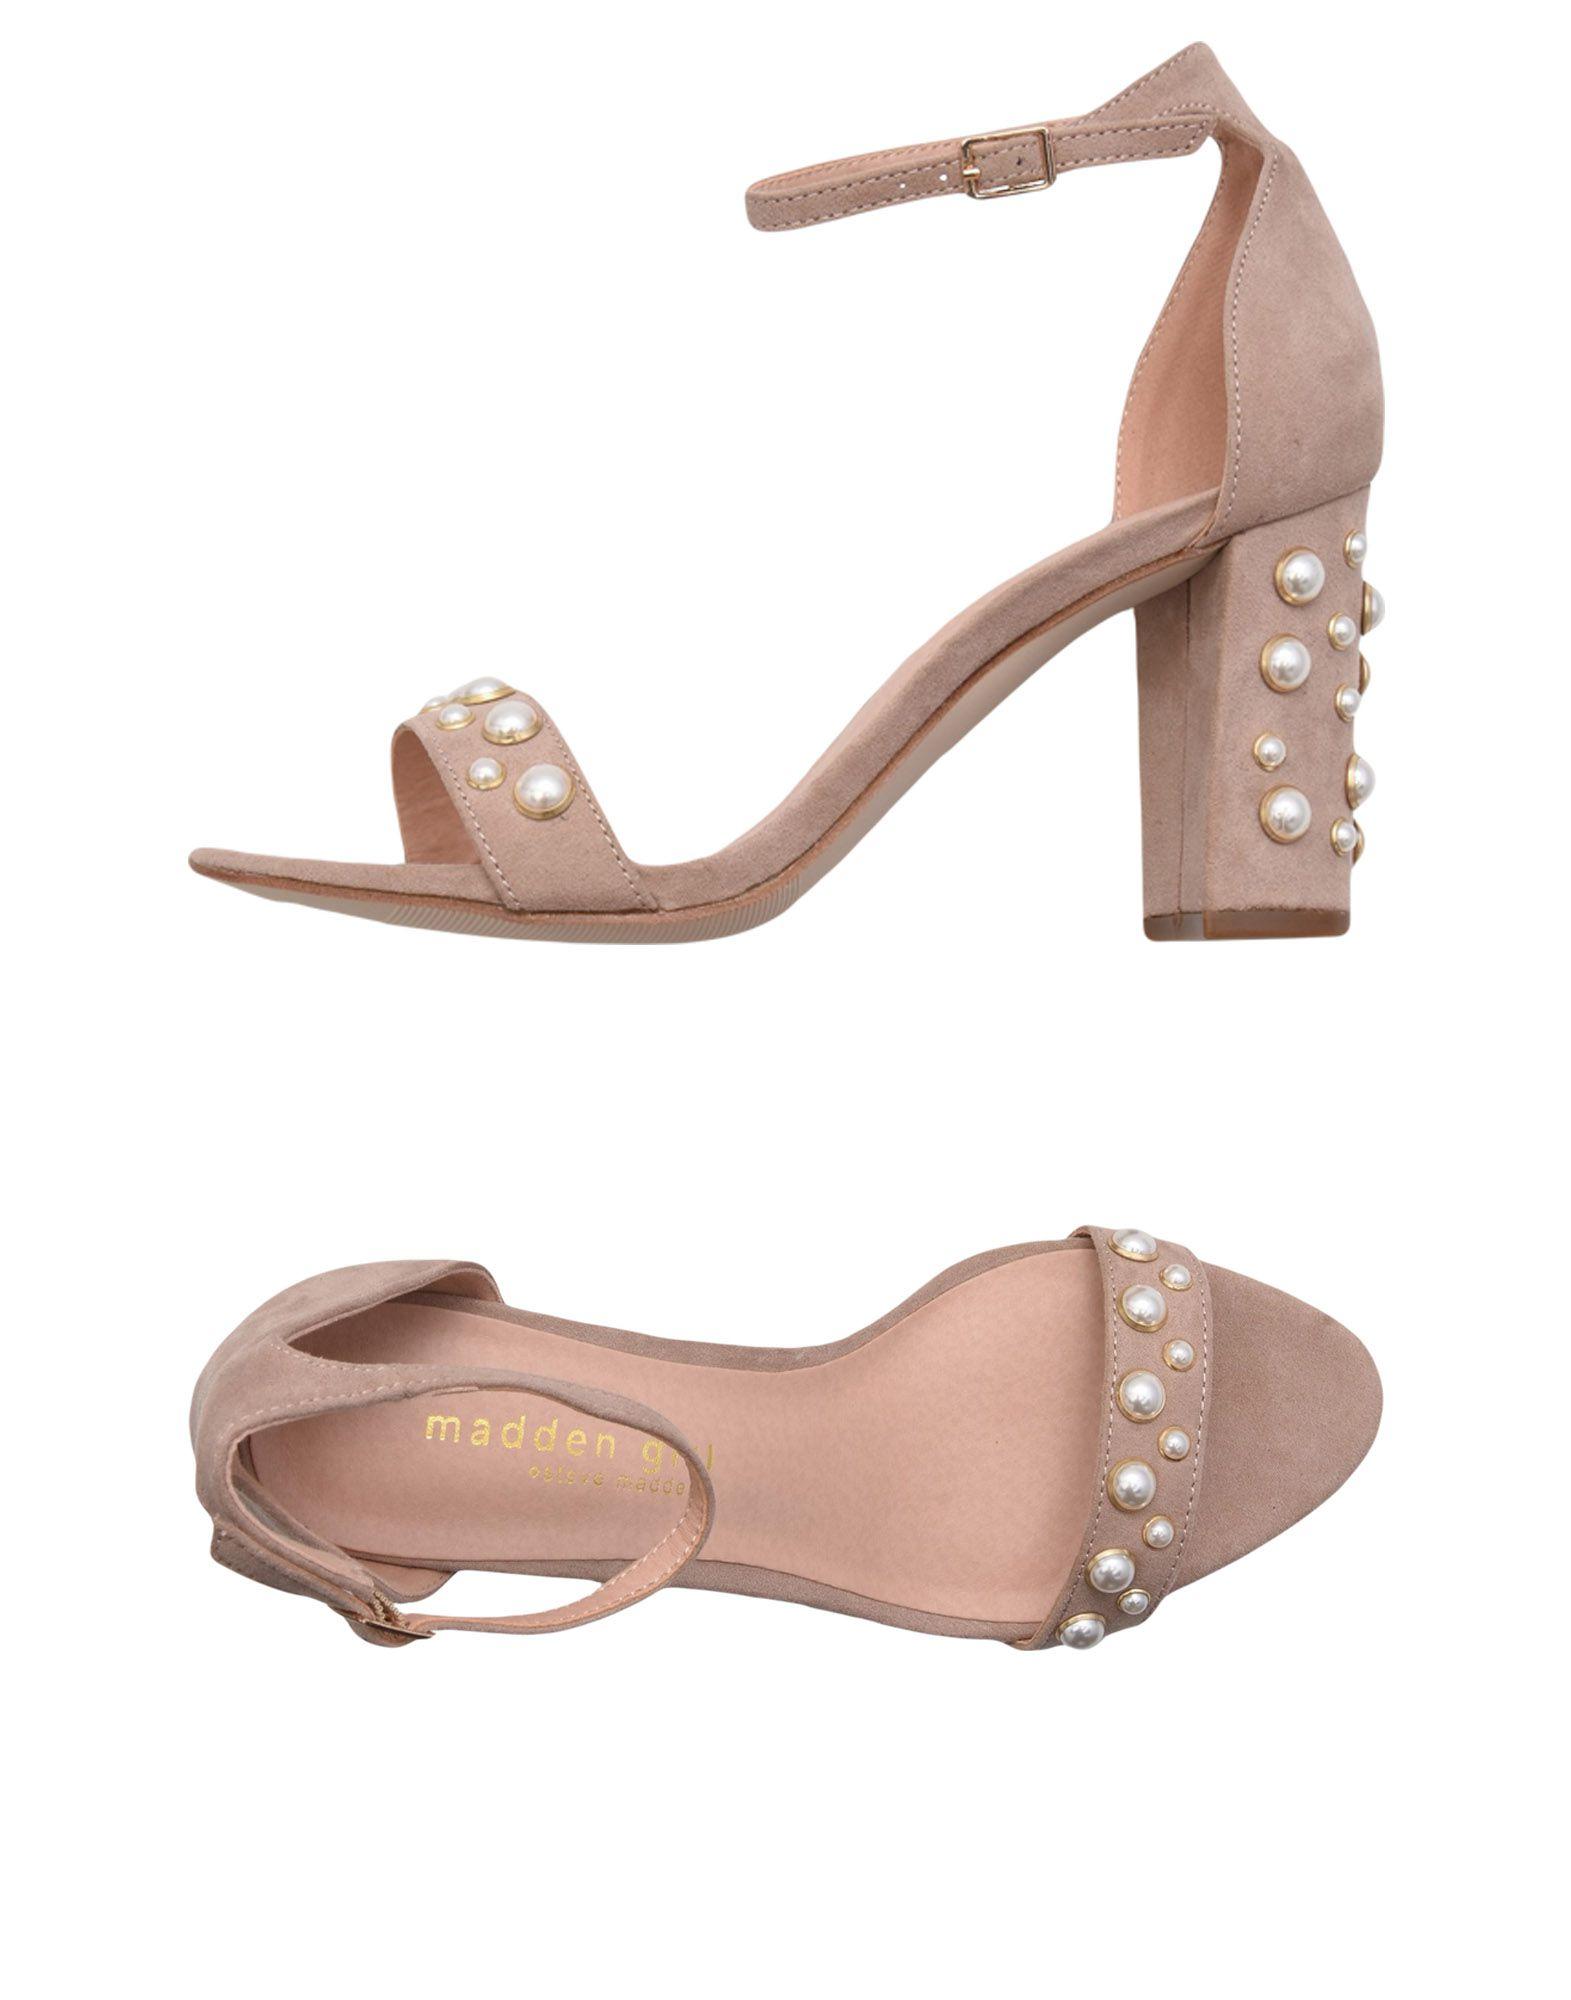 Madden Girl Girl Sandals - Women Madden Girl Girl Sandals online on  United Kingdom - 11483355EM f5adc5